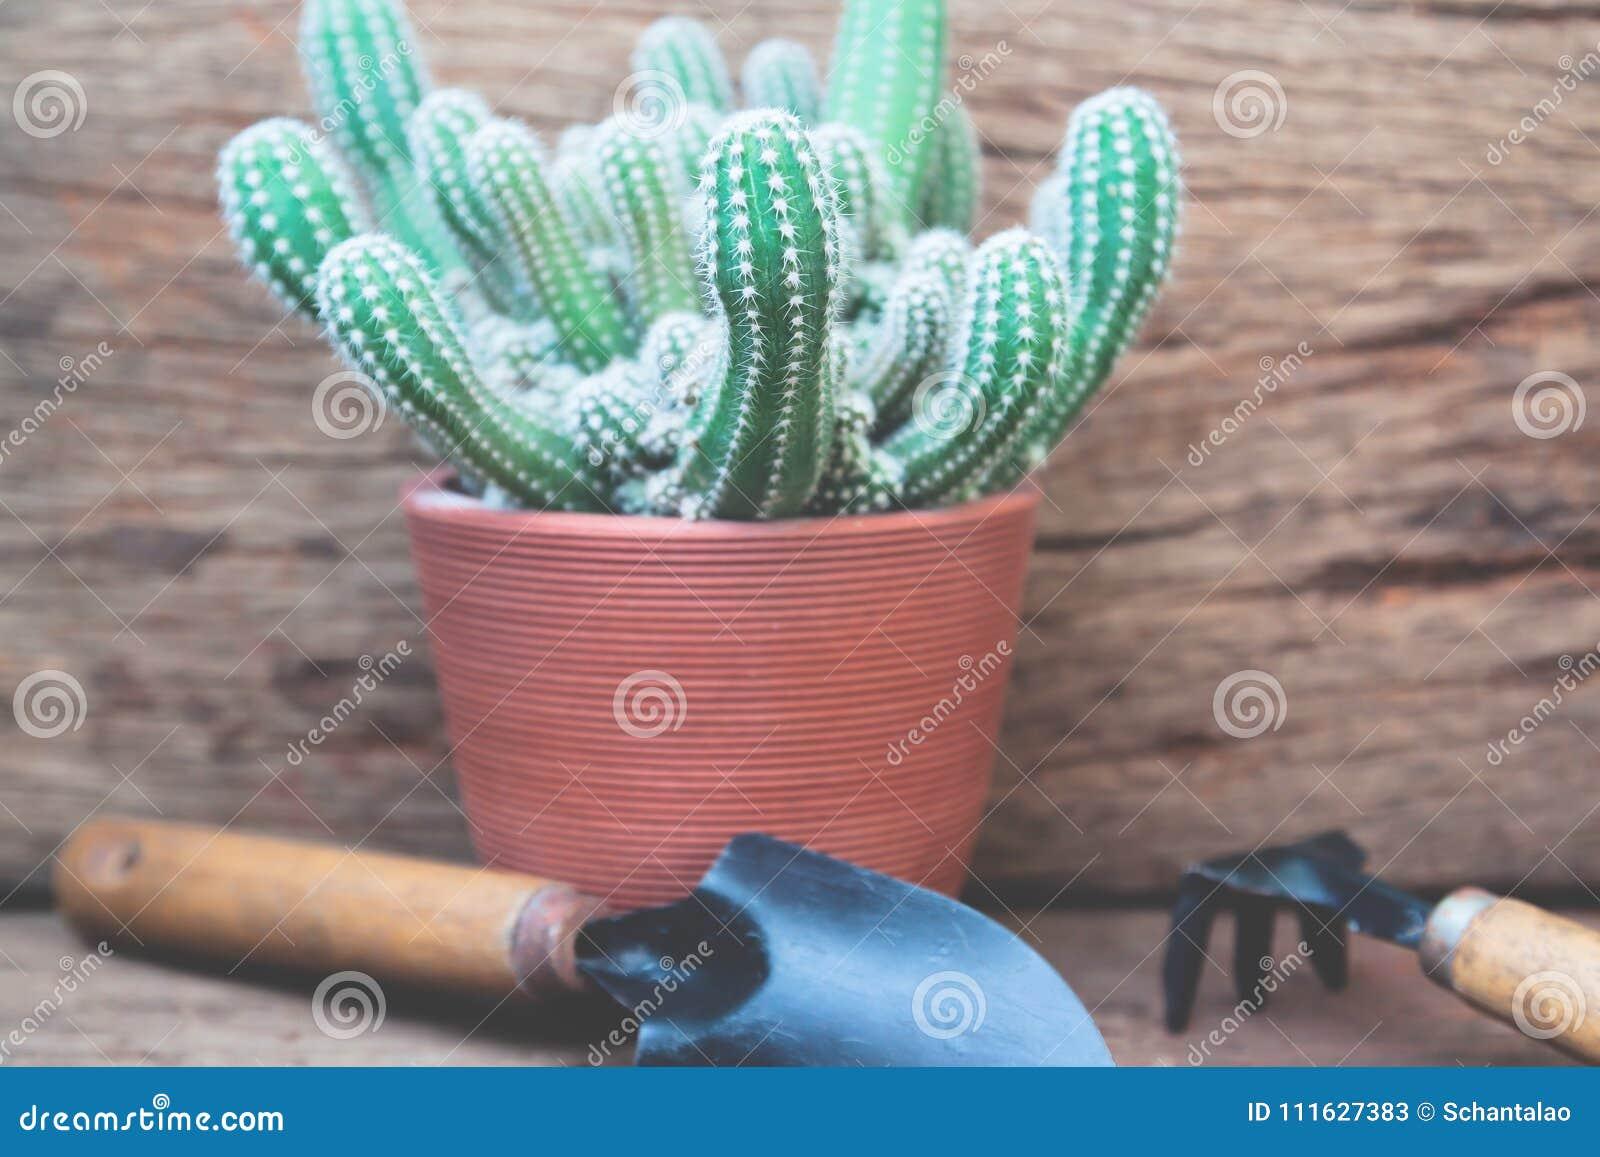 Utensilios De Jardinería Y Planta En La Terraza En El Jardín